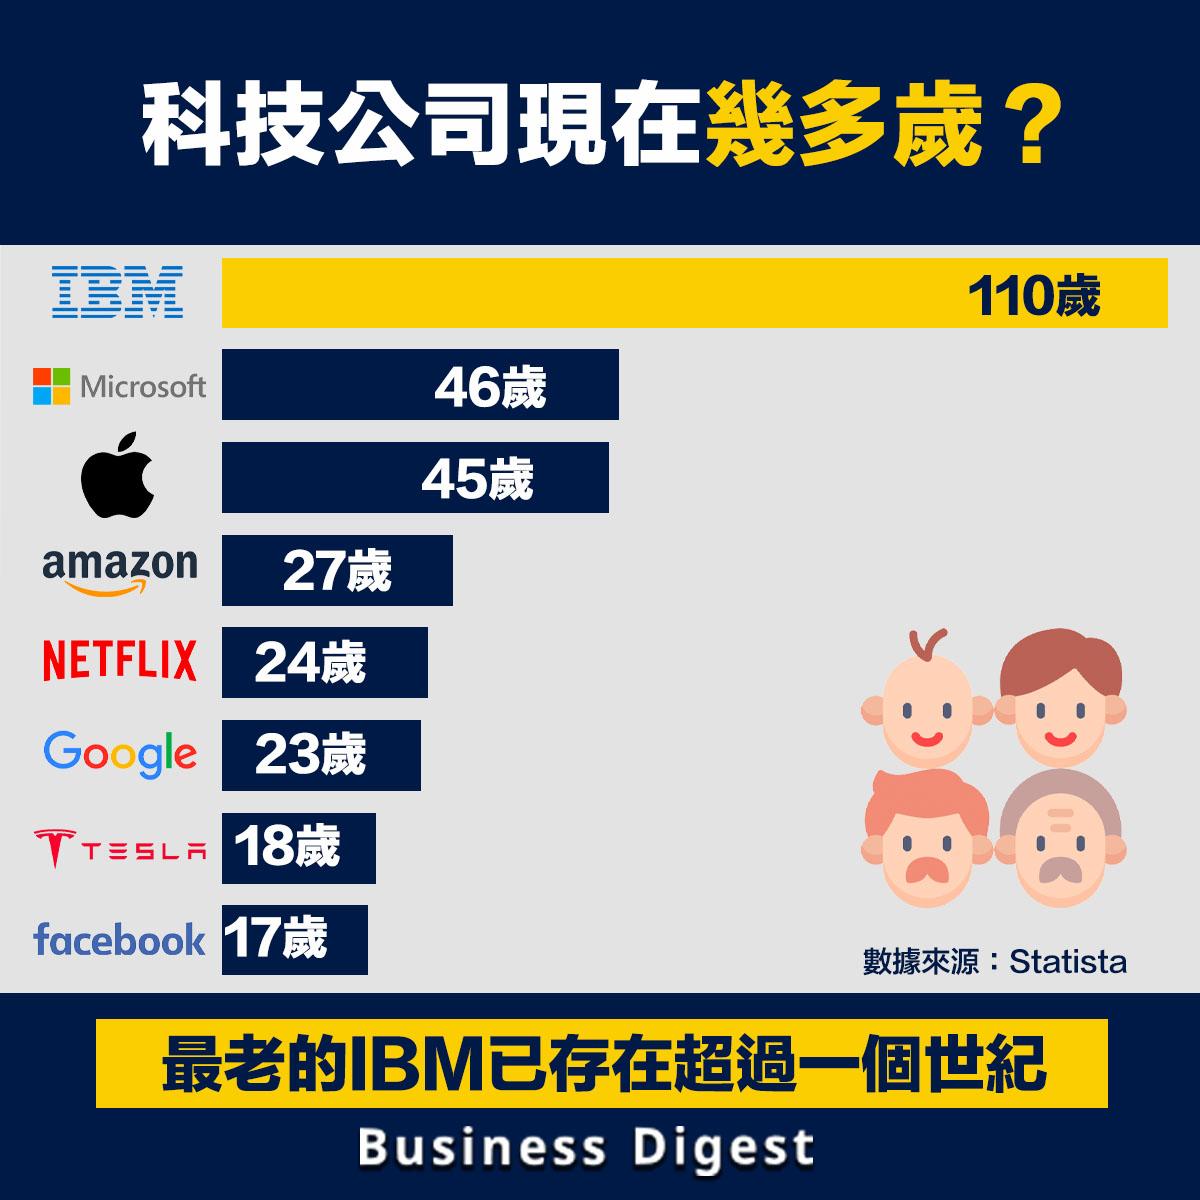 科技公司現在幾多歲?